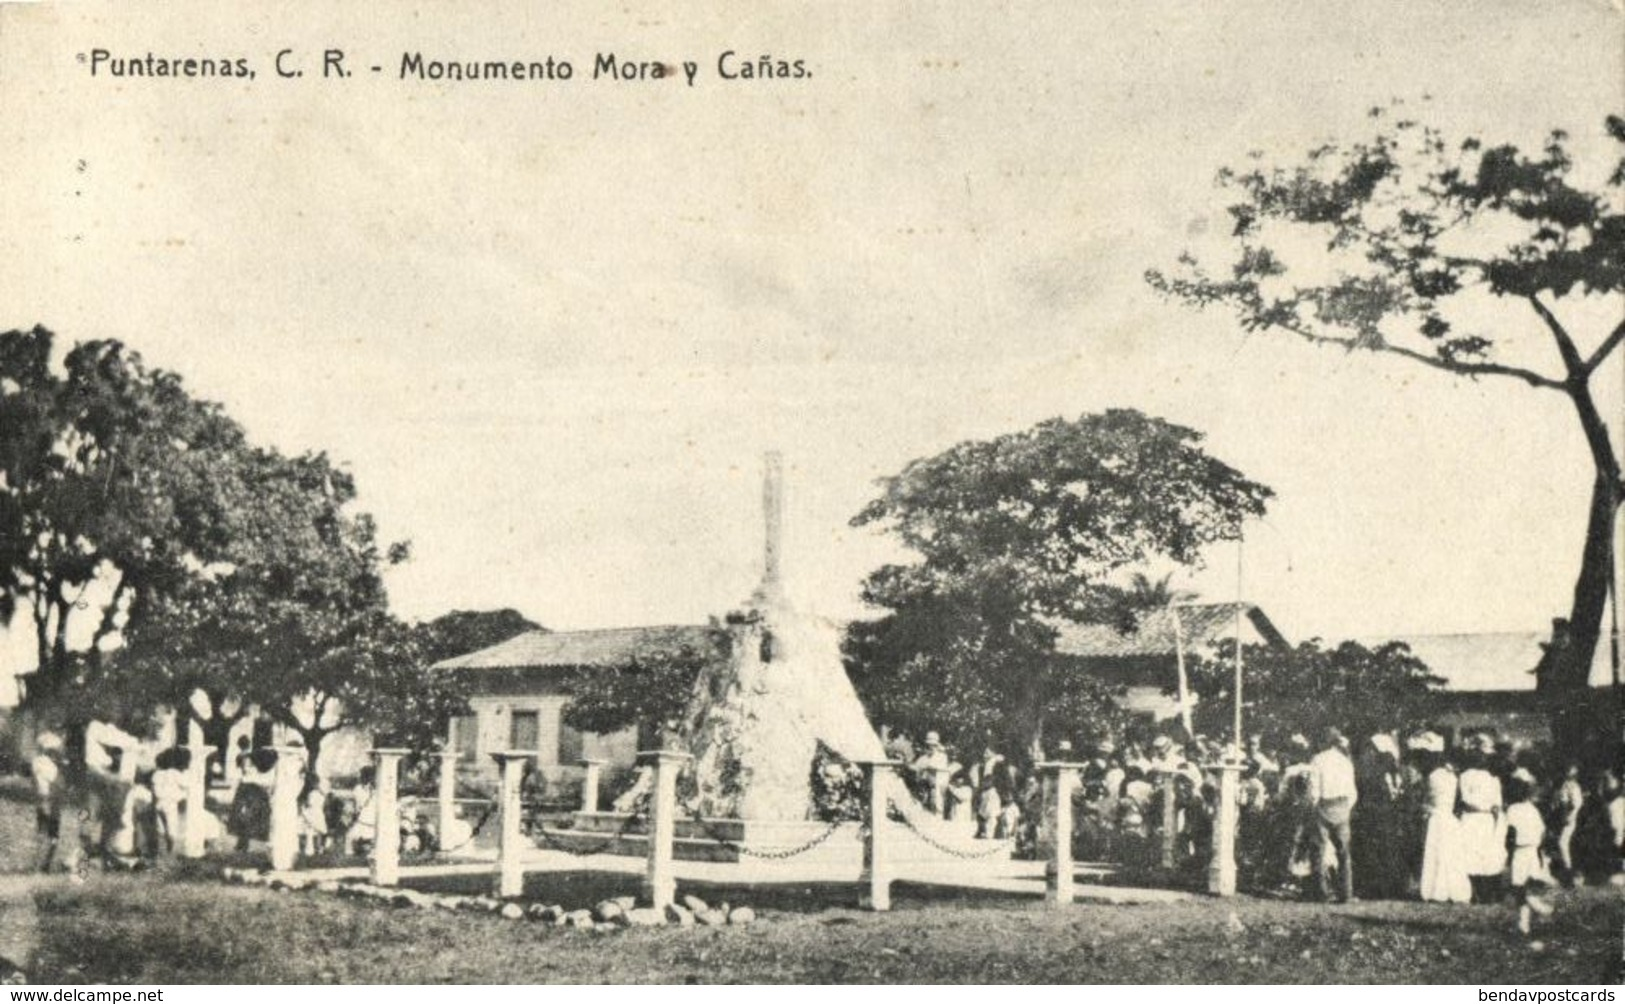 Costa Rica, PUNTARENAS, C.R., Monumento Mora Y Cañas (1910s) Postcard - Costa Rica